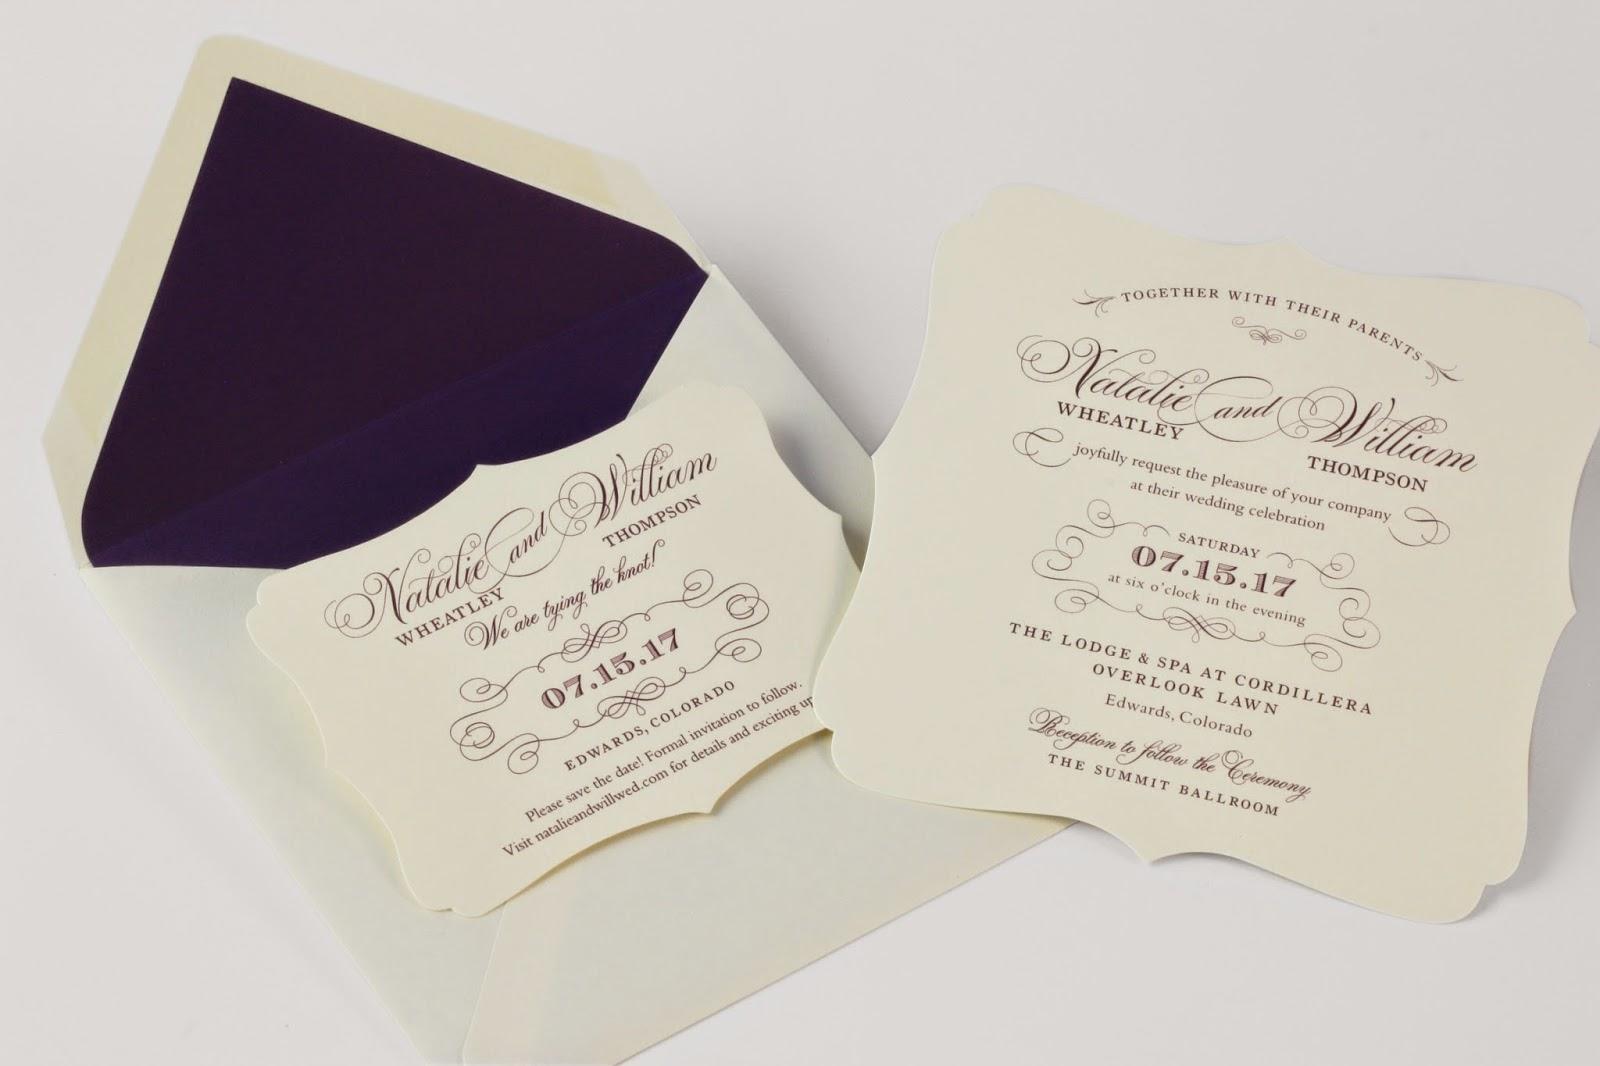 Wedding Invitations William Arthur: William Arthur Blog: Delightful New Wedding Invitation